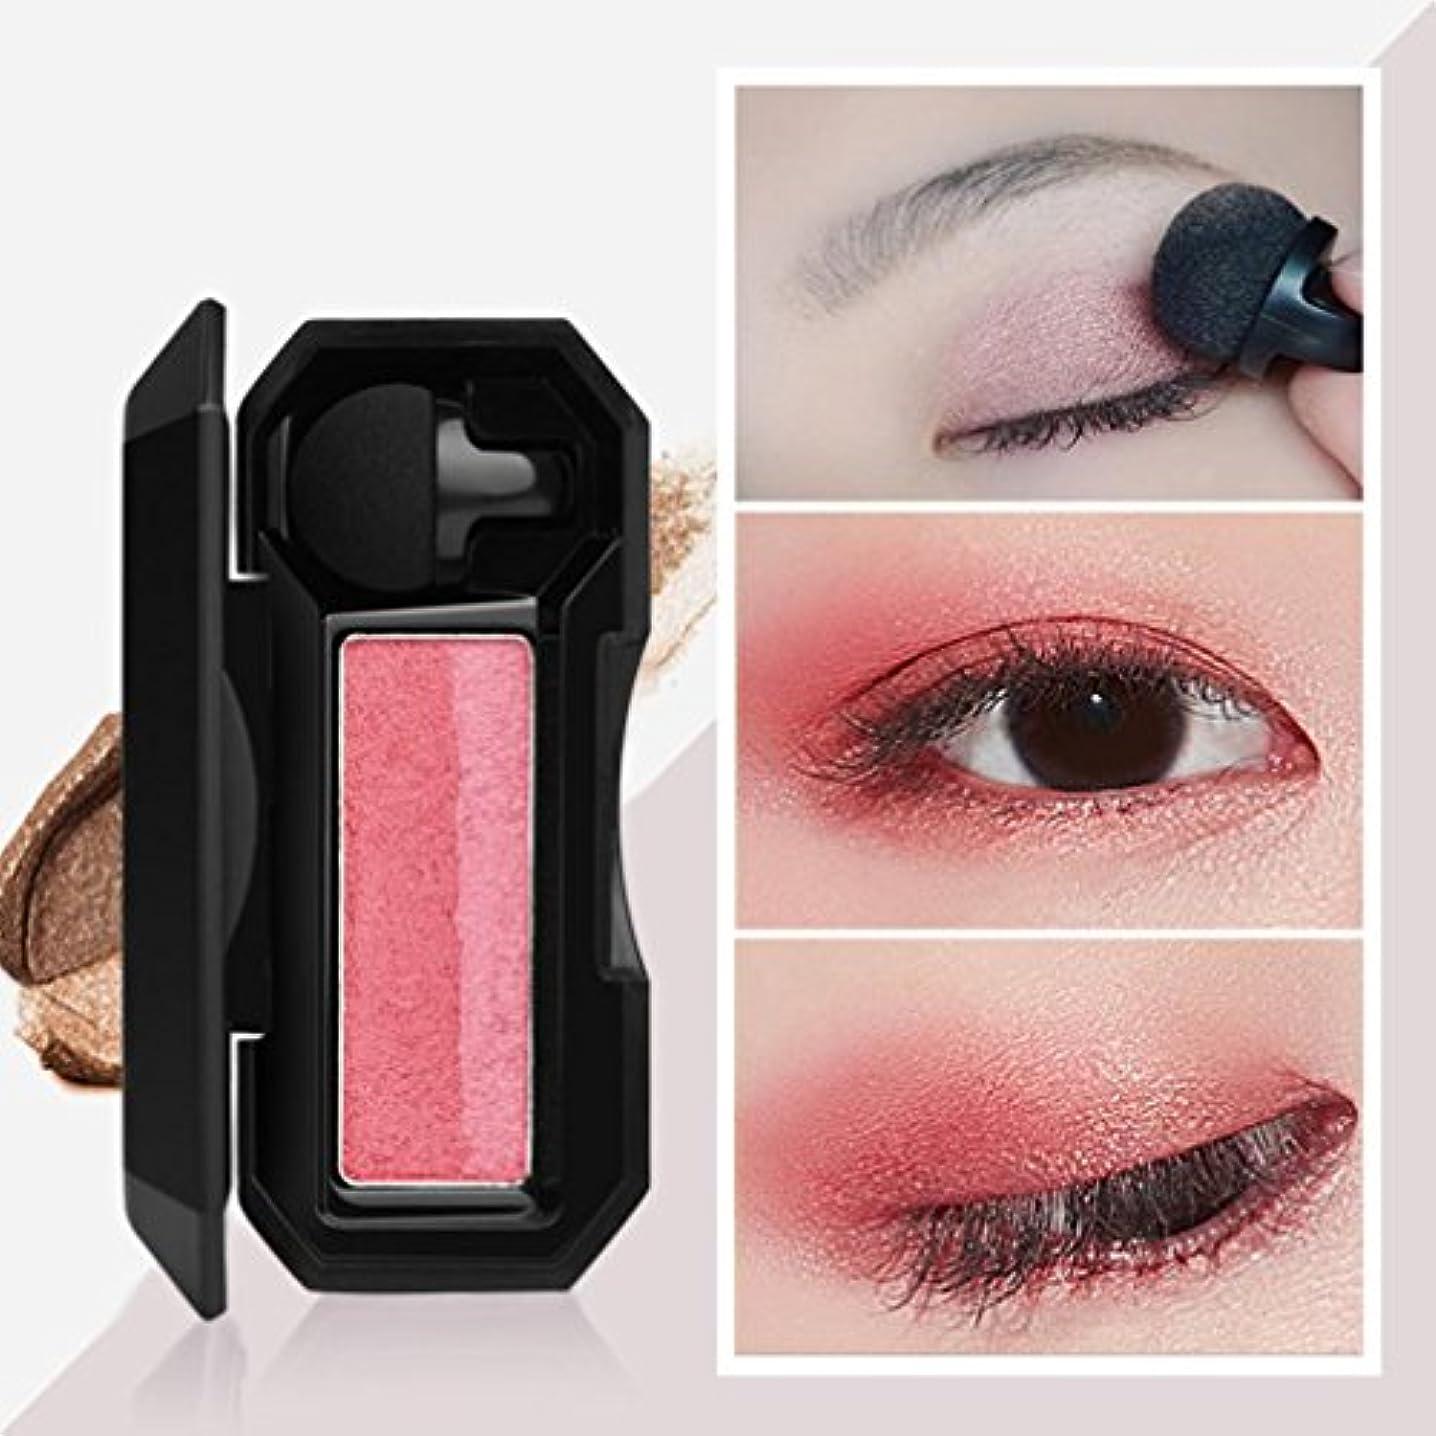 ご近所意識勢いビューティー アイシャドー BOBOGOJP 女性 2色 可愛い デザイン ミニスタンプアイシャドーパレット 携帯便利 極め細かい 化粧パウダー 持続性 スモーキーメイク (21A)